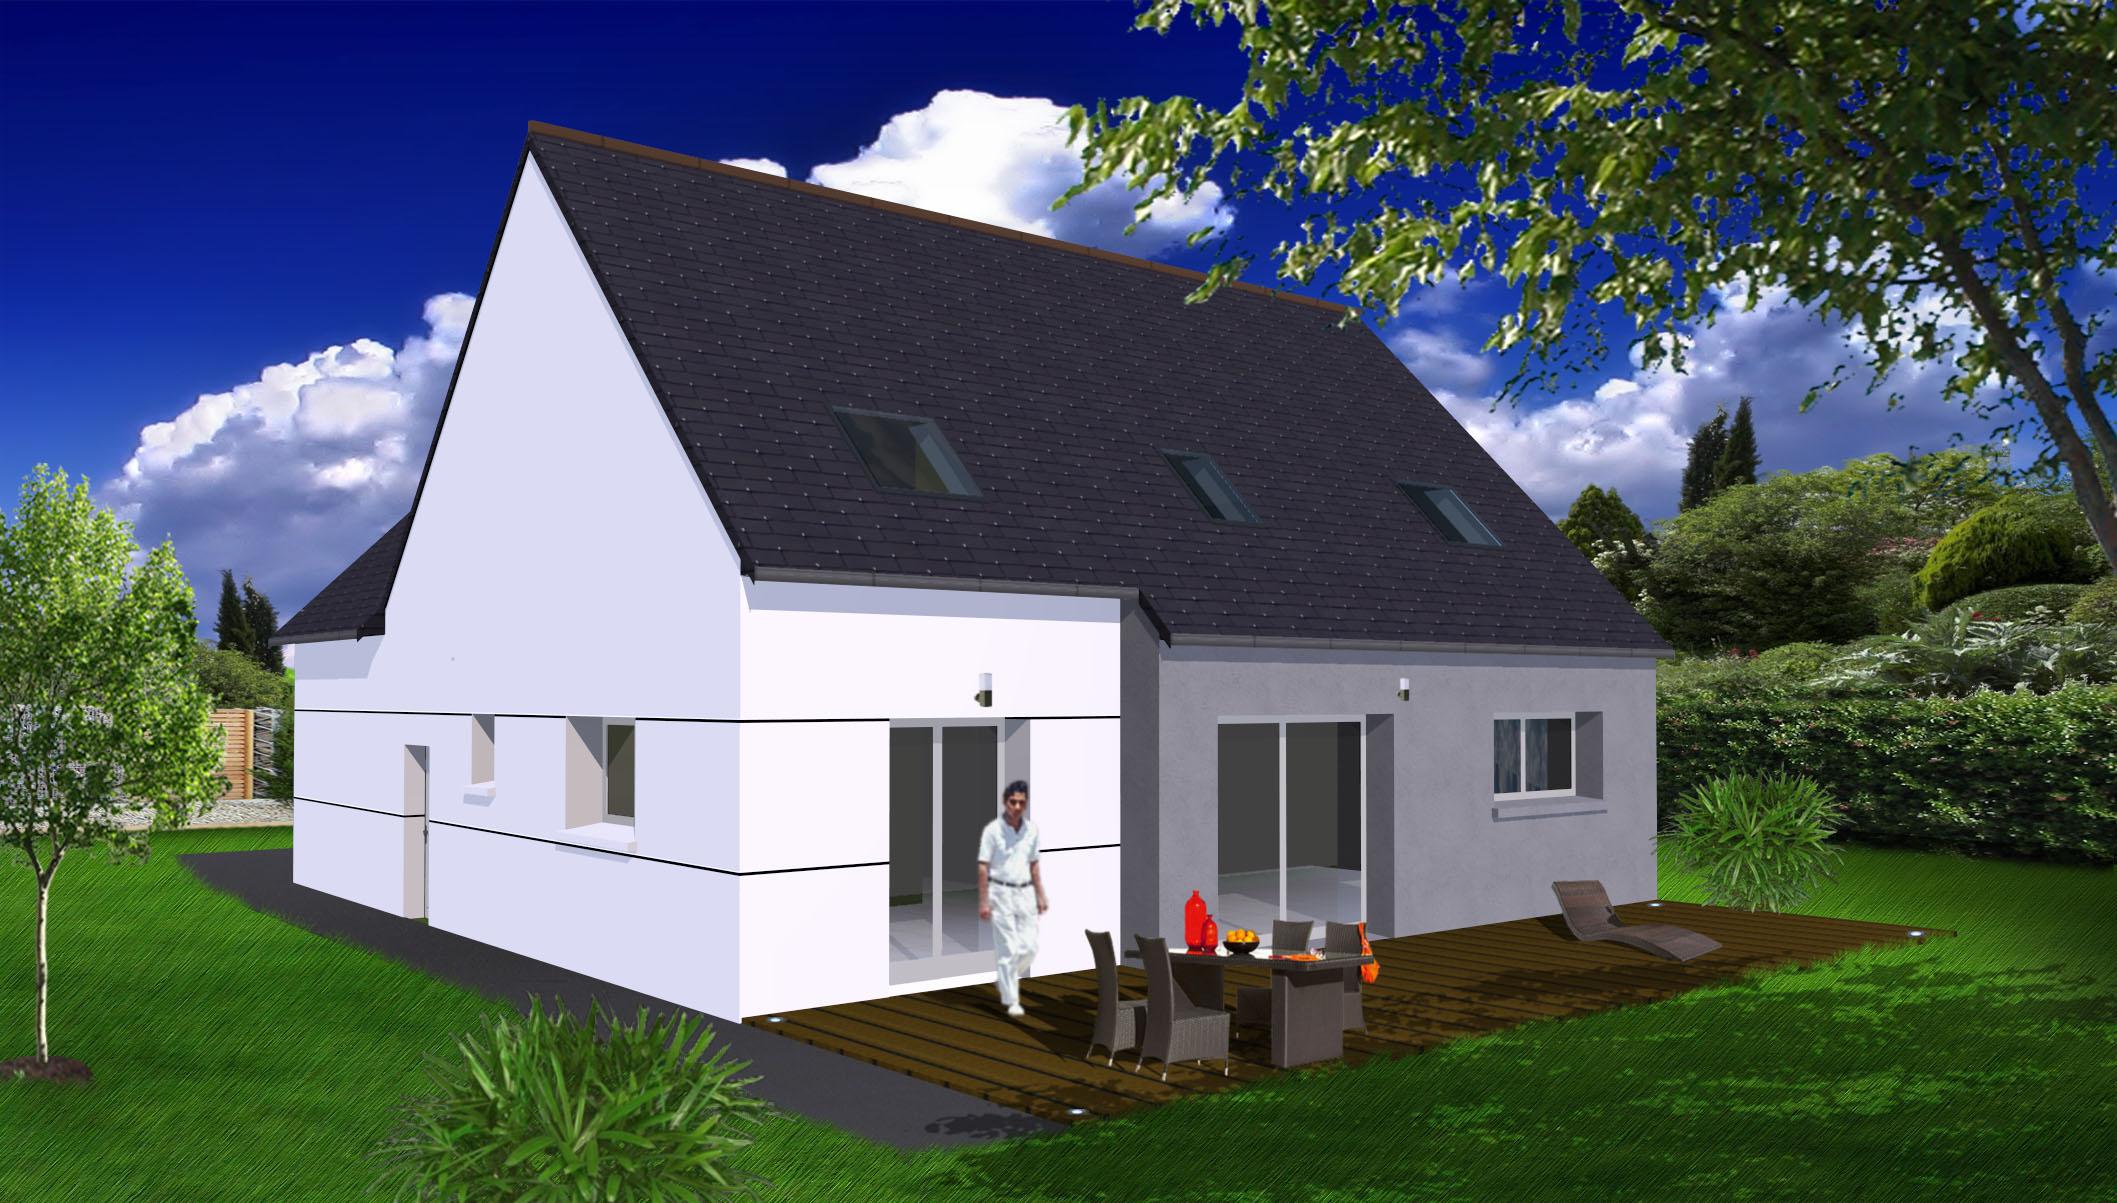 Prix maison bbc 100m2 simple le prix duune maison bois for Prix maison 100m2